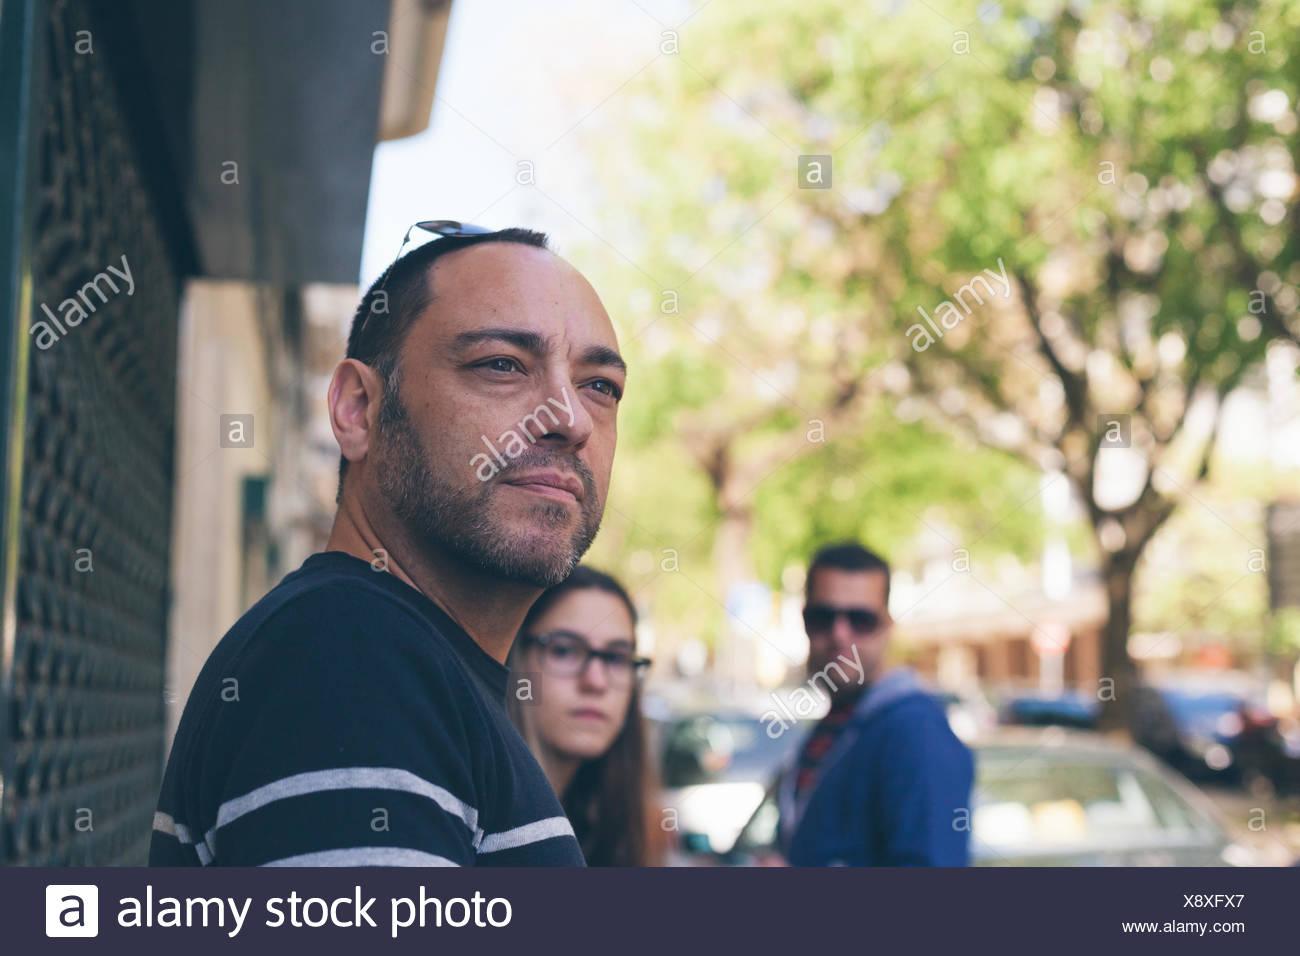 Metà uomo adulto che guarda lontano sul sentiero Immagini Stock